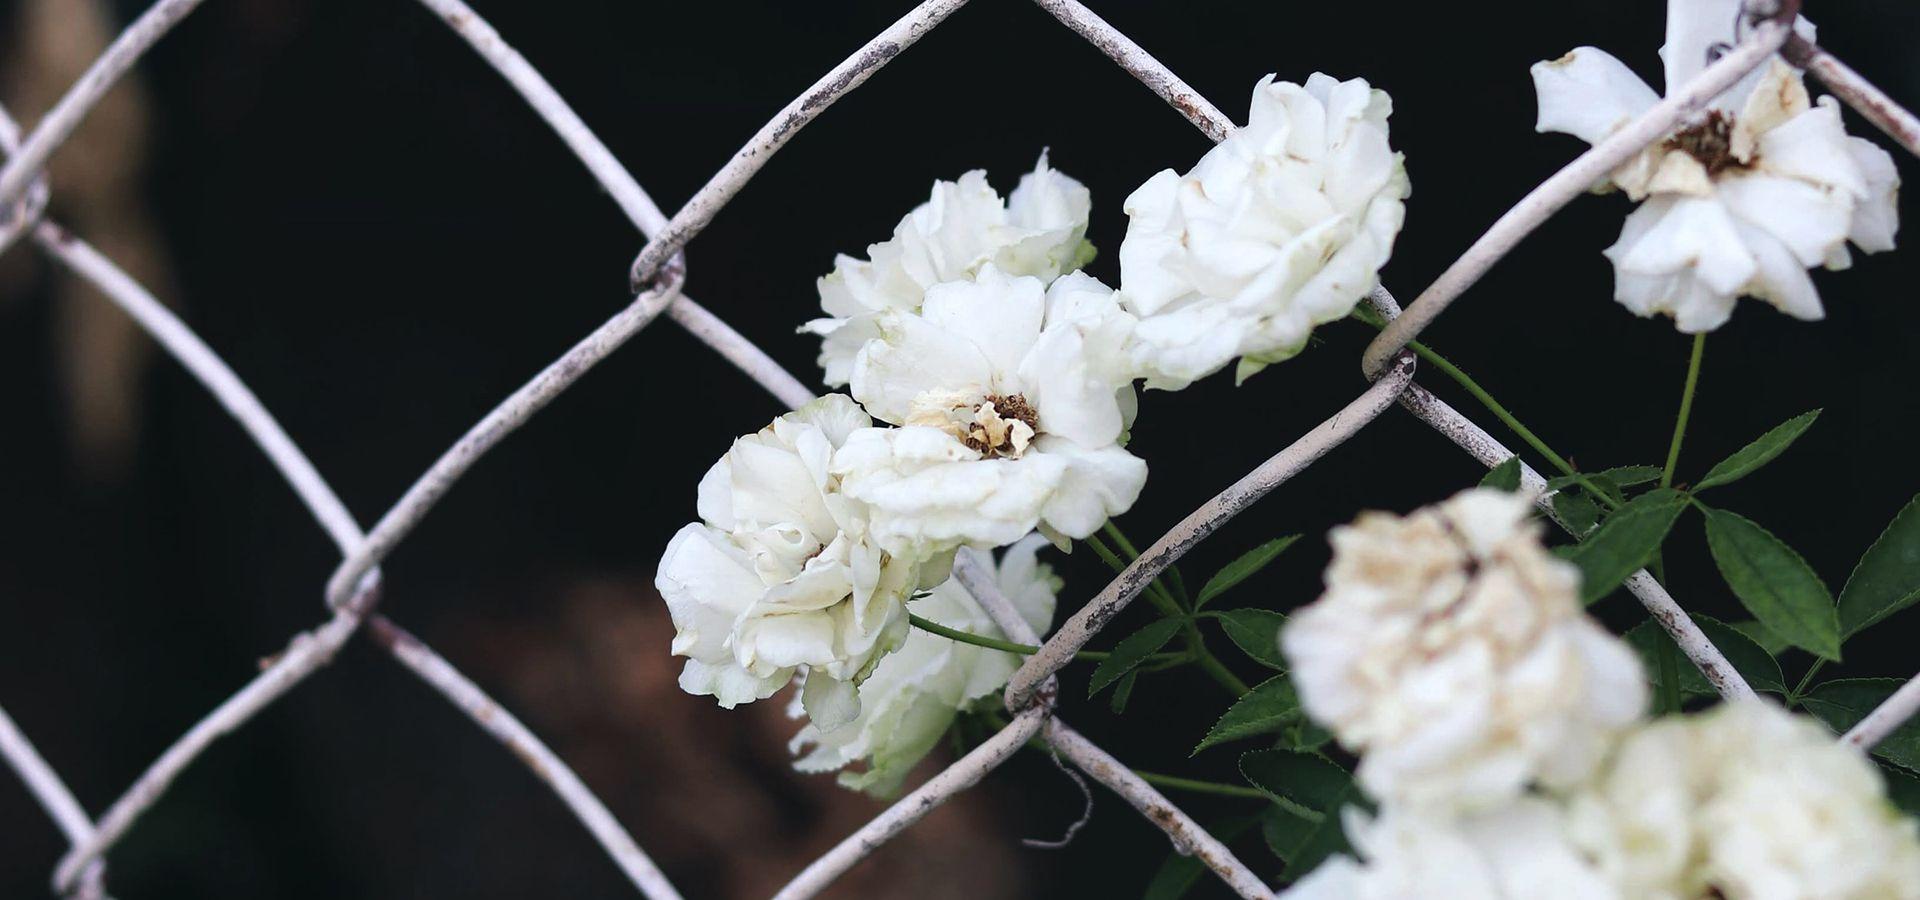 Valkoinen kukka verkkoaidan takana